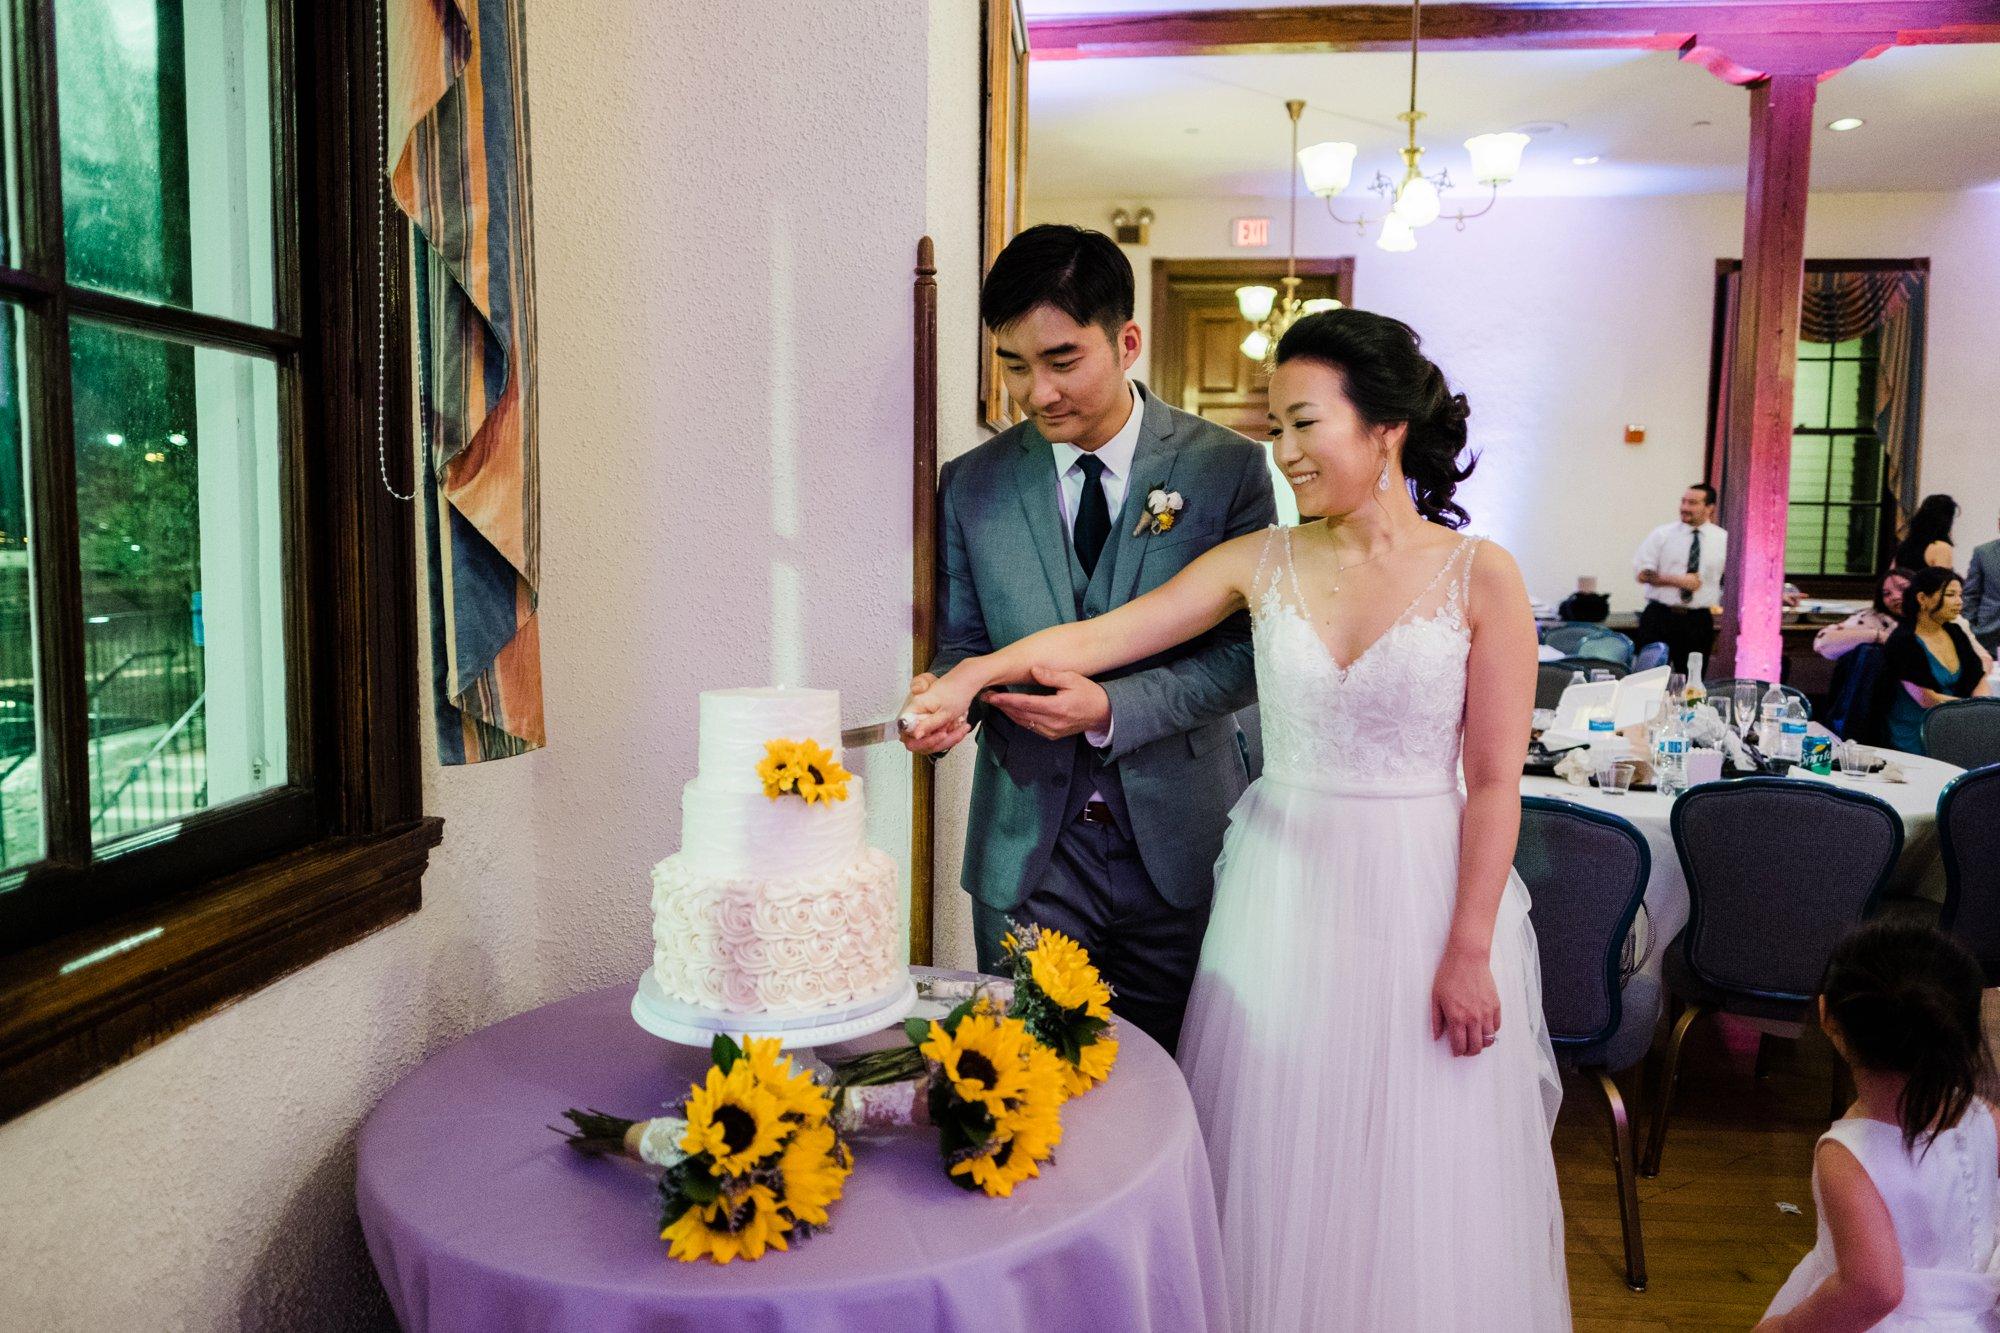 fairfax-dc-wedding-old-city-hall_0161.jpg